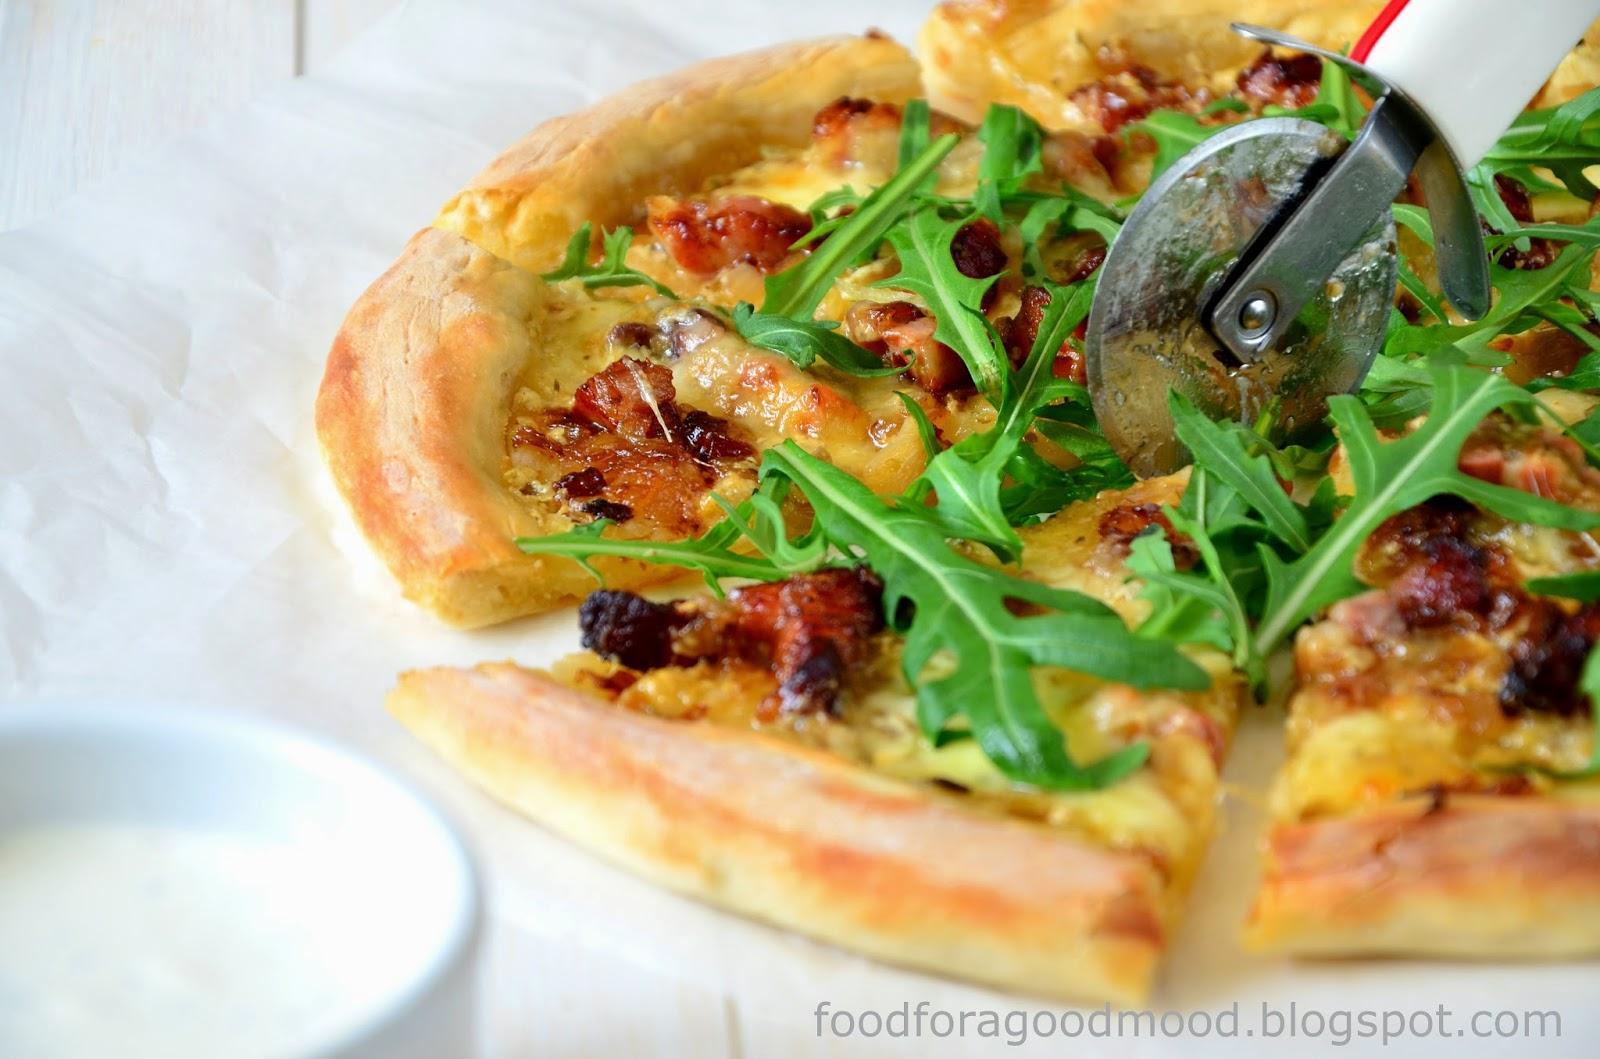 Gdy weźmiemy kawałek pizzy do ręki, sprężyste i cienkie ciasto wyraźnie ugnie się pod swoim ciężarem. To cecha idealnego spodu. A nadzienie? Biały sos, wiejski wędzony boczek, karmelizowana cebulka i mozzarella. Do tego garść rukoli niedbale rzucona na wierzch i mamy przepyszną domową pizzę, która tak naprawdę nie potrzebuje do towarzystwa żadnego sosu. Ten smak po prostu broni się sam!